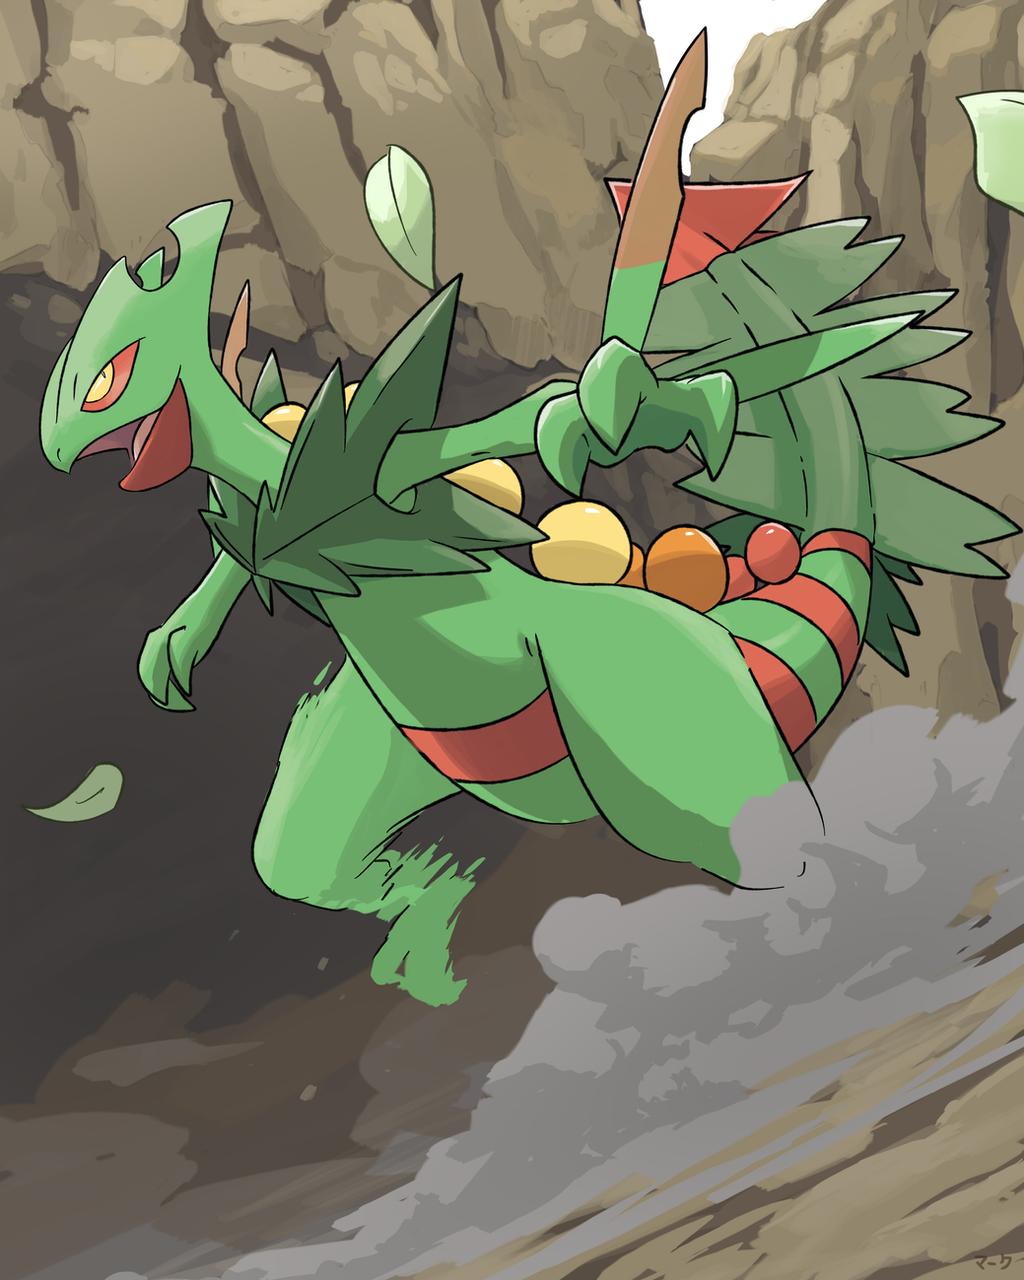 Pokemon: Mega Sceptile by mark331 on DeviantArt